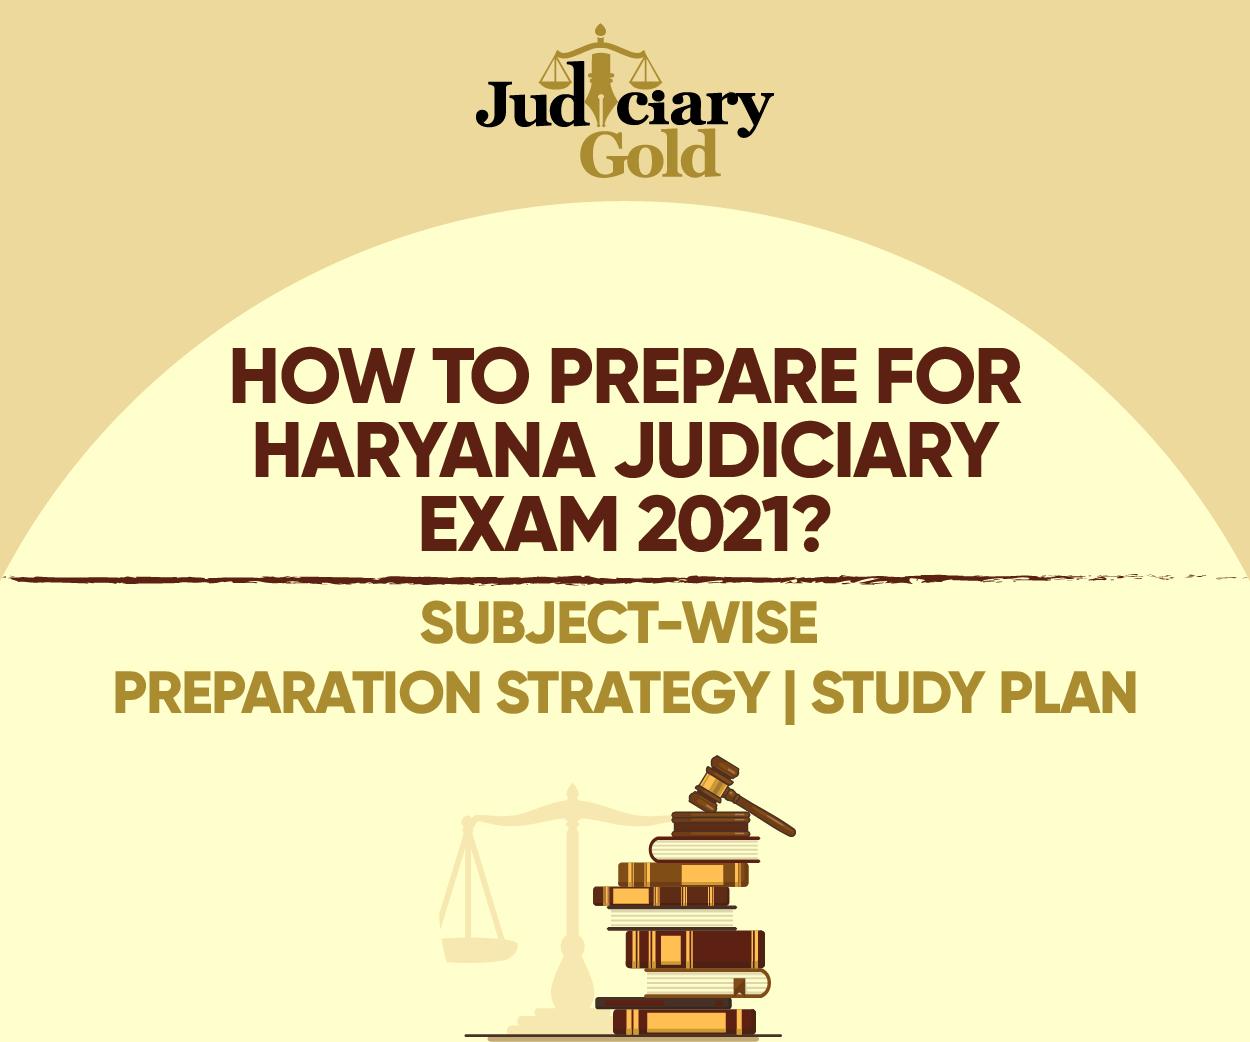 Haryana Judiciary Preparation